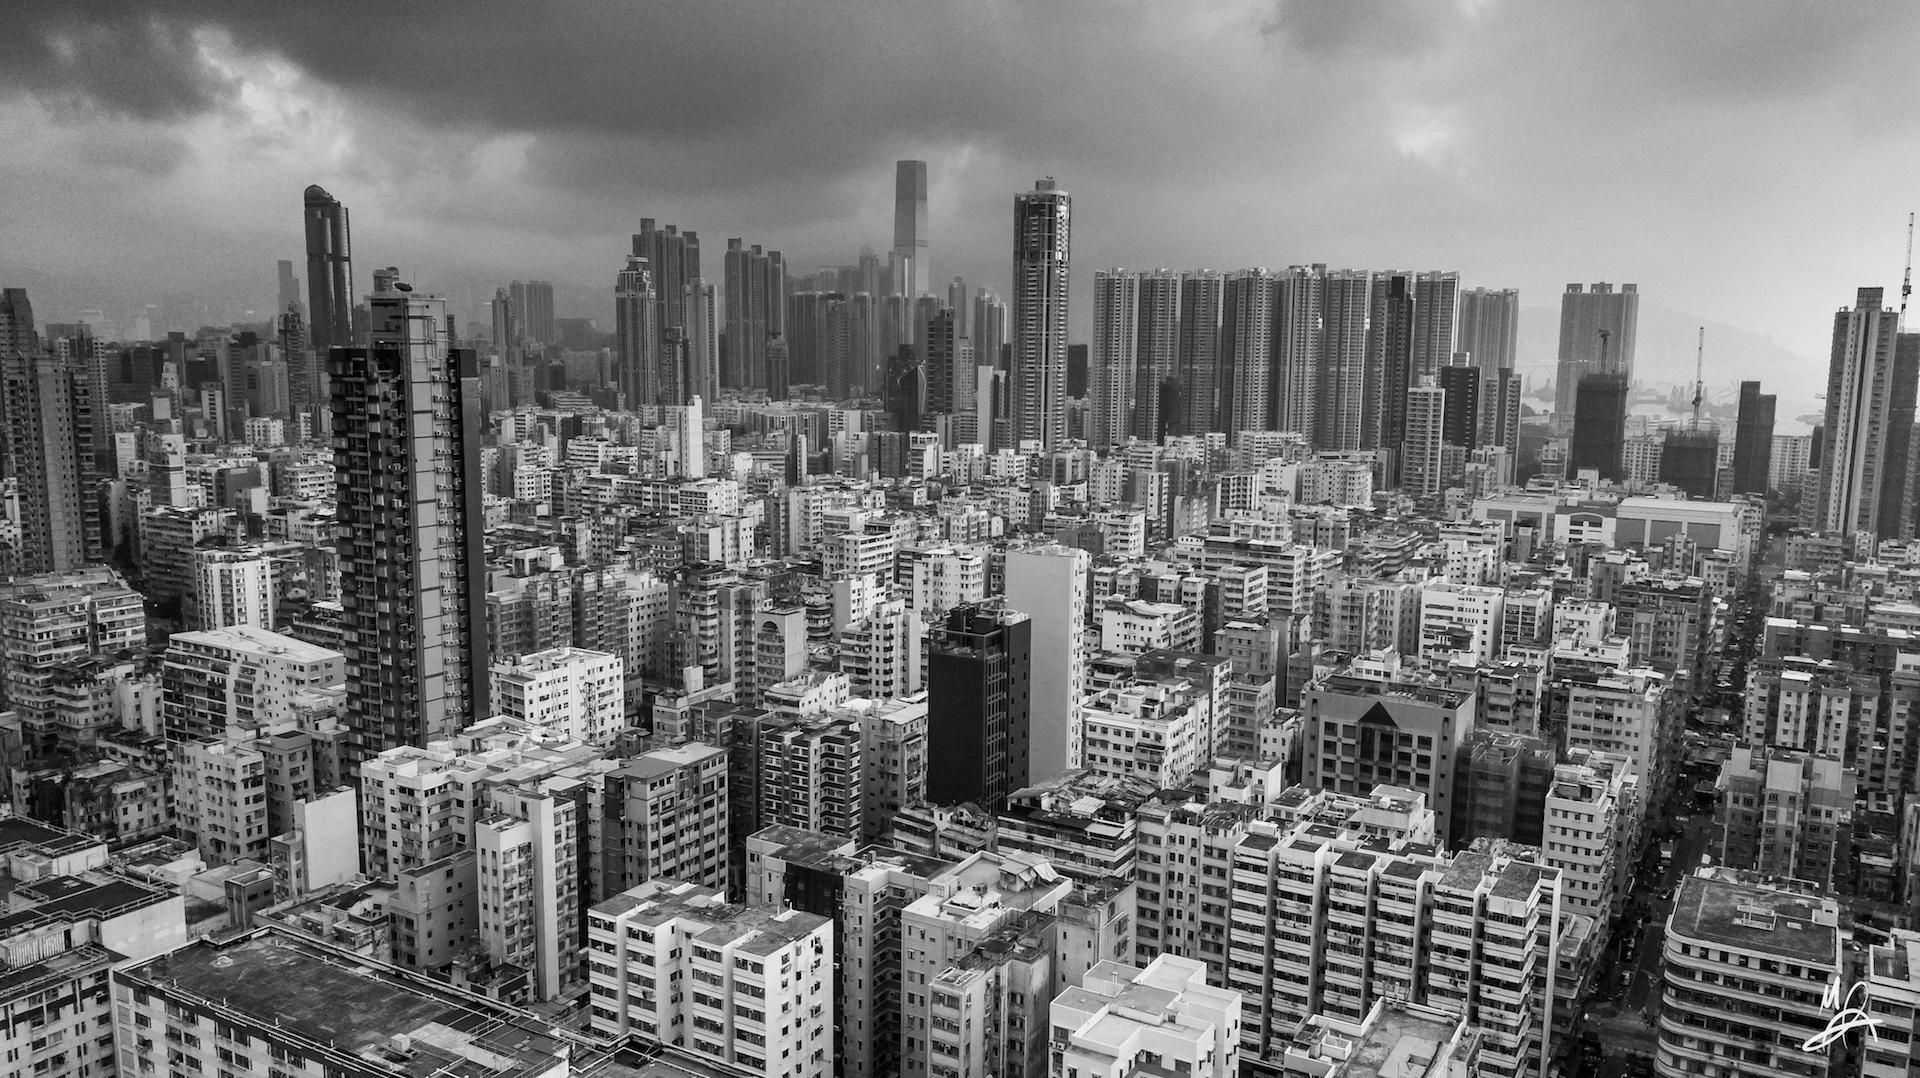 Kowloon 1/2